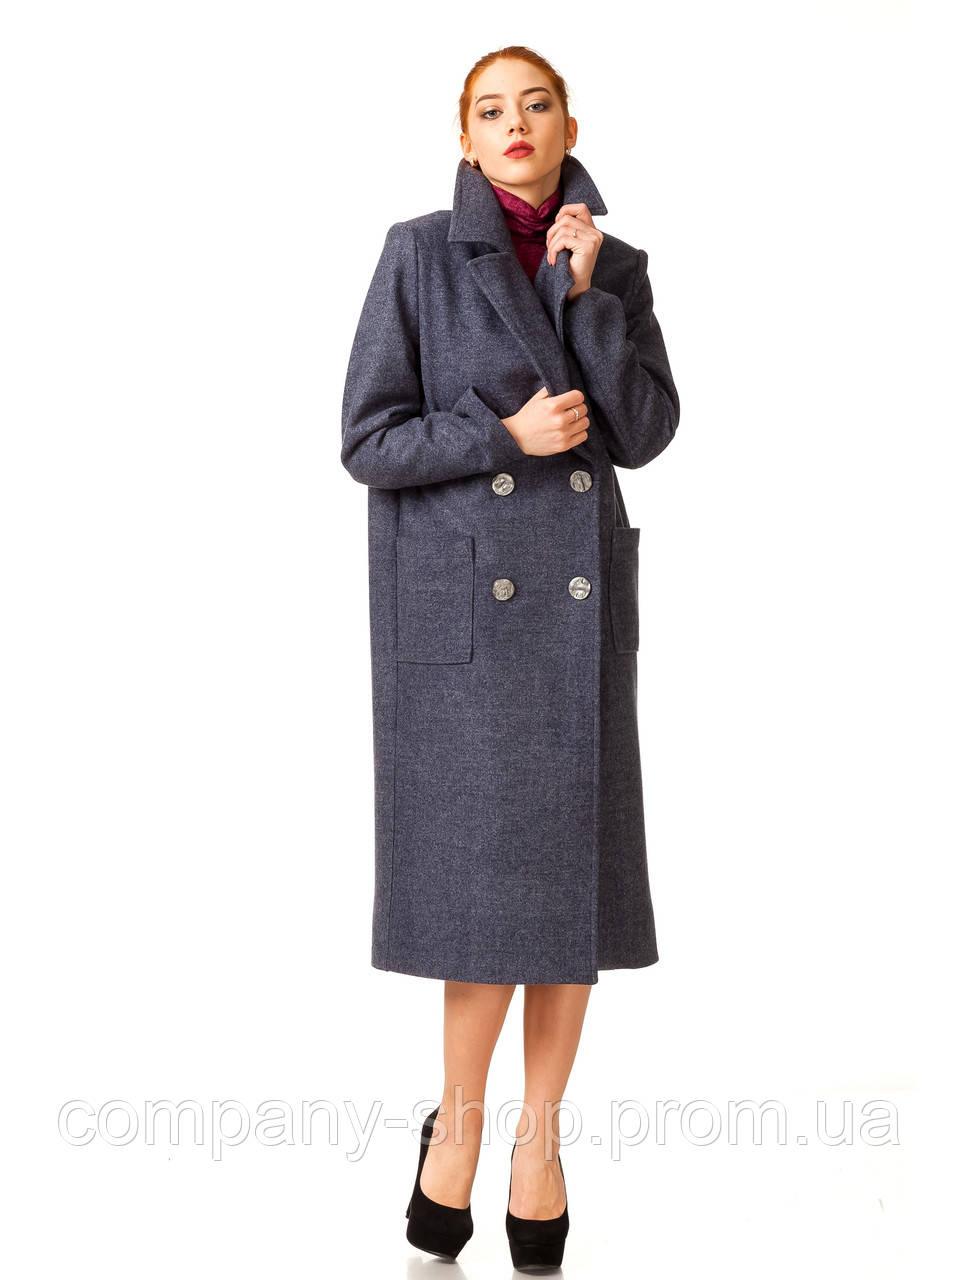 Пальто кашемировое на подкладке оптом. Модель ПЛ005_синий джинс